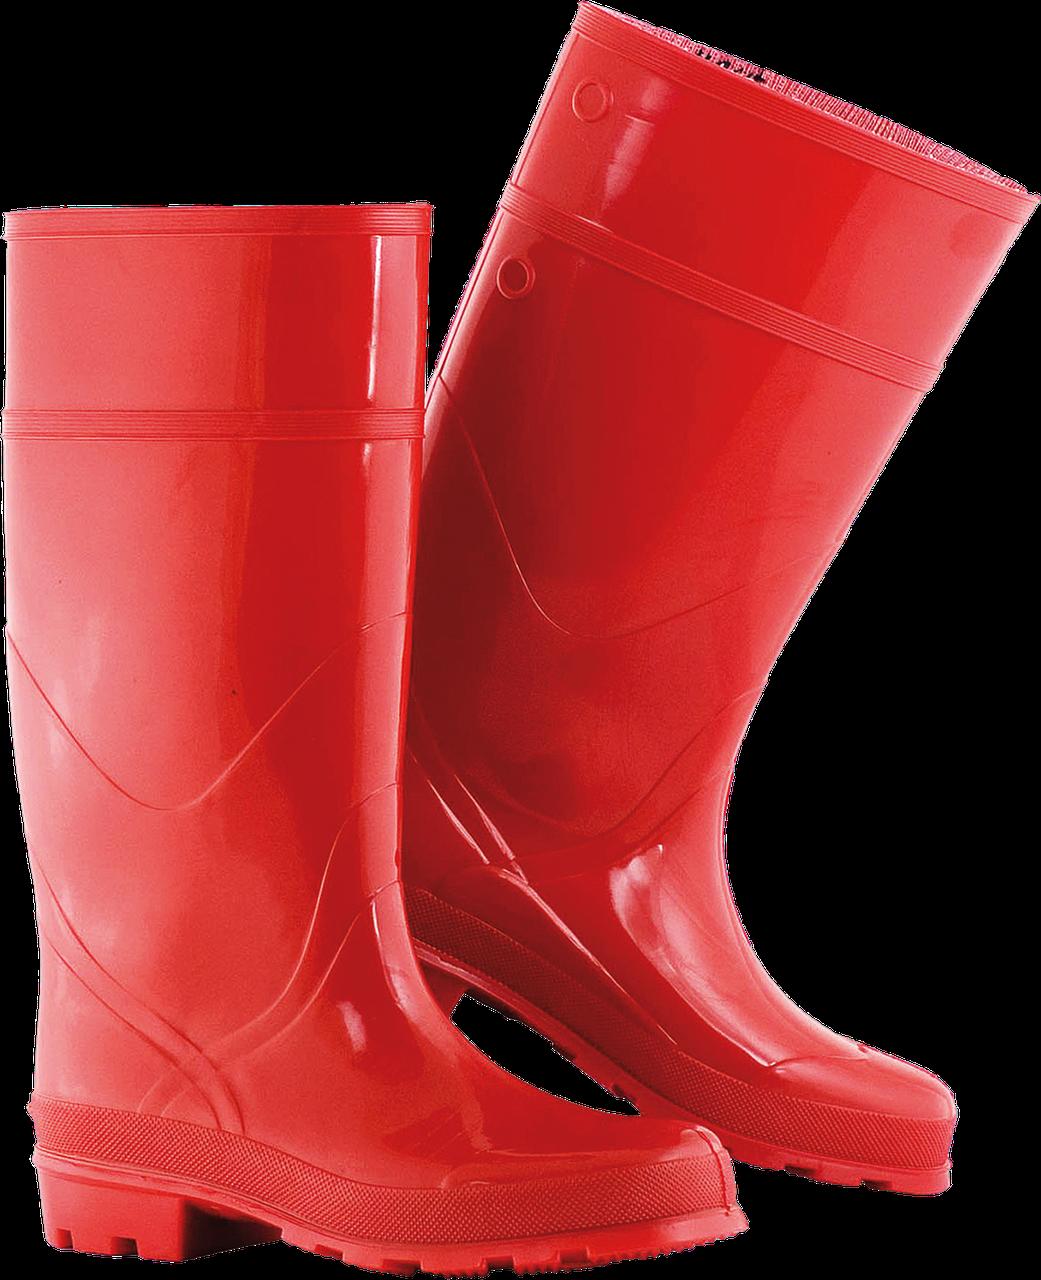 Обувь рабочая BFKD13111 C с маслостойкой подошвой